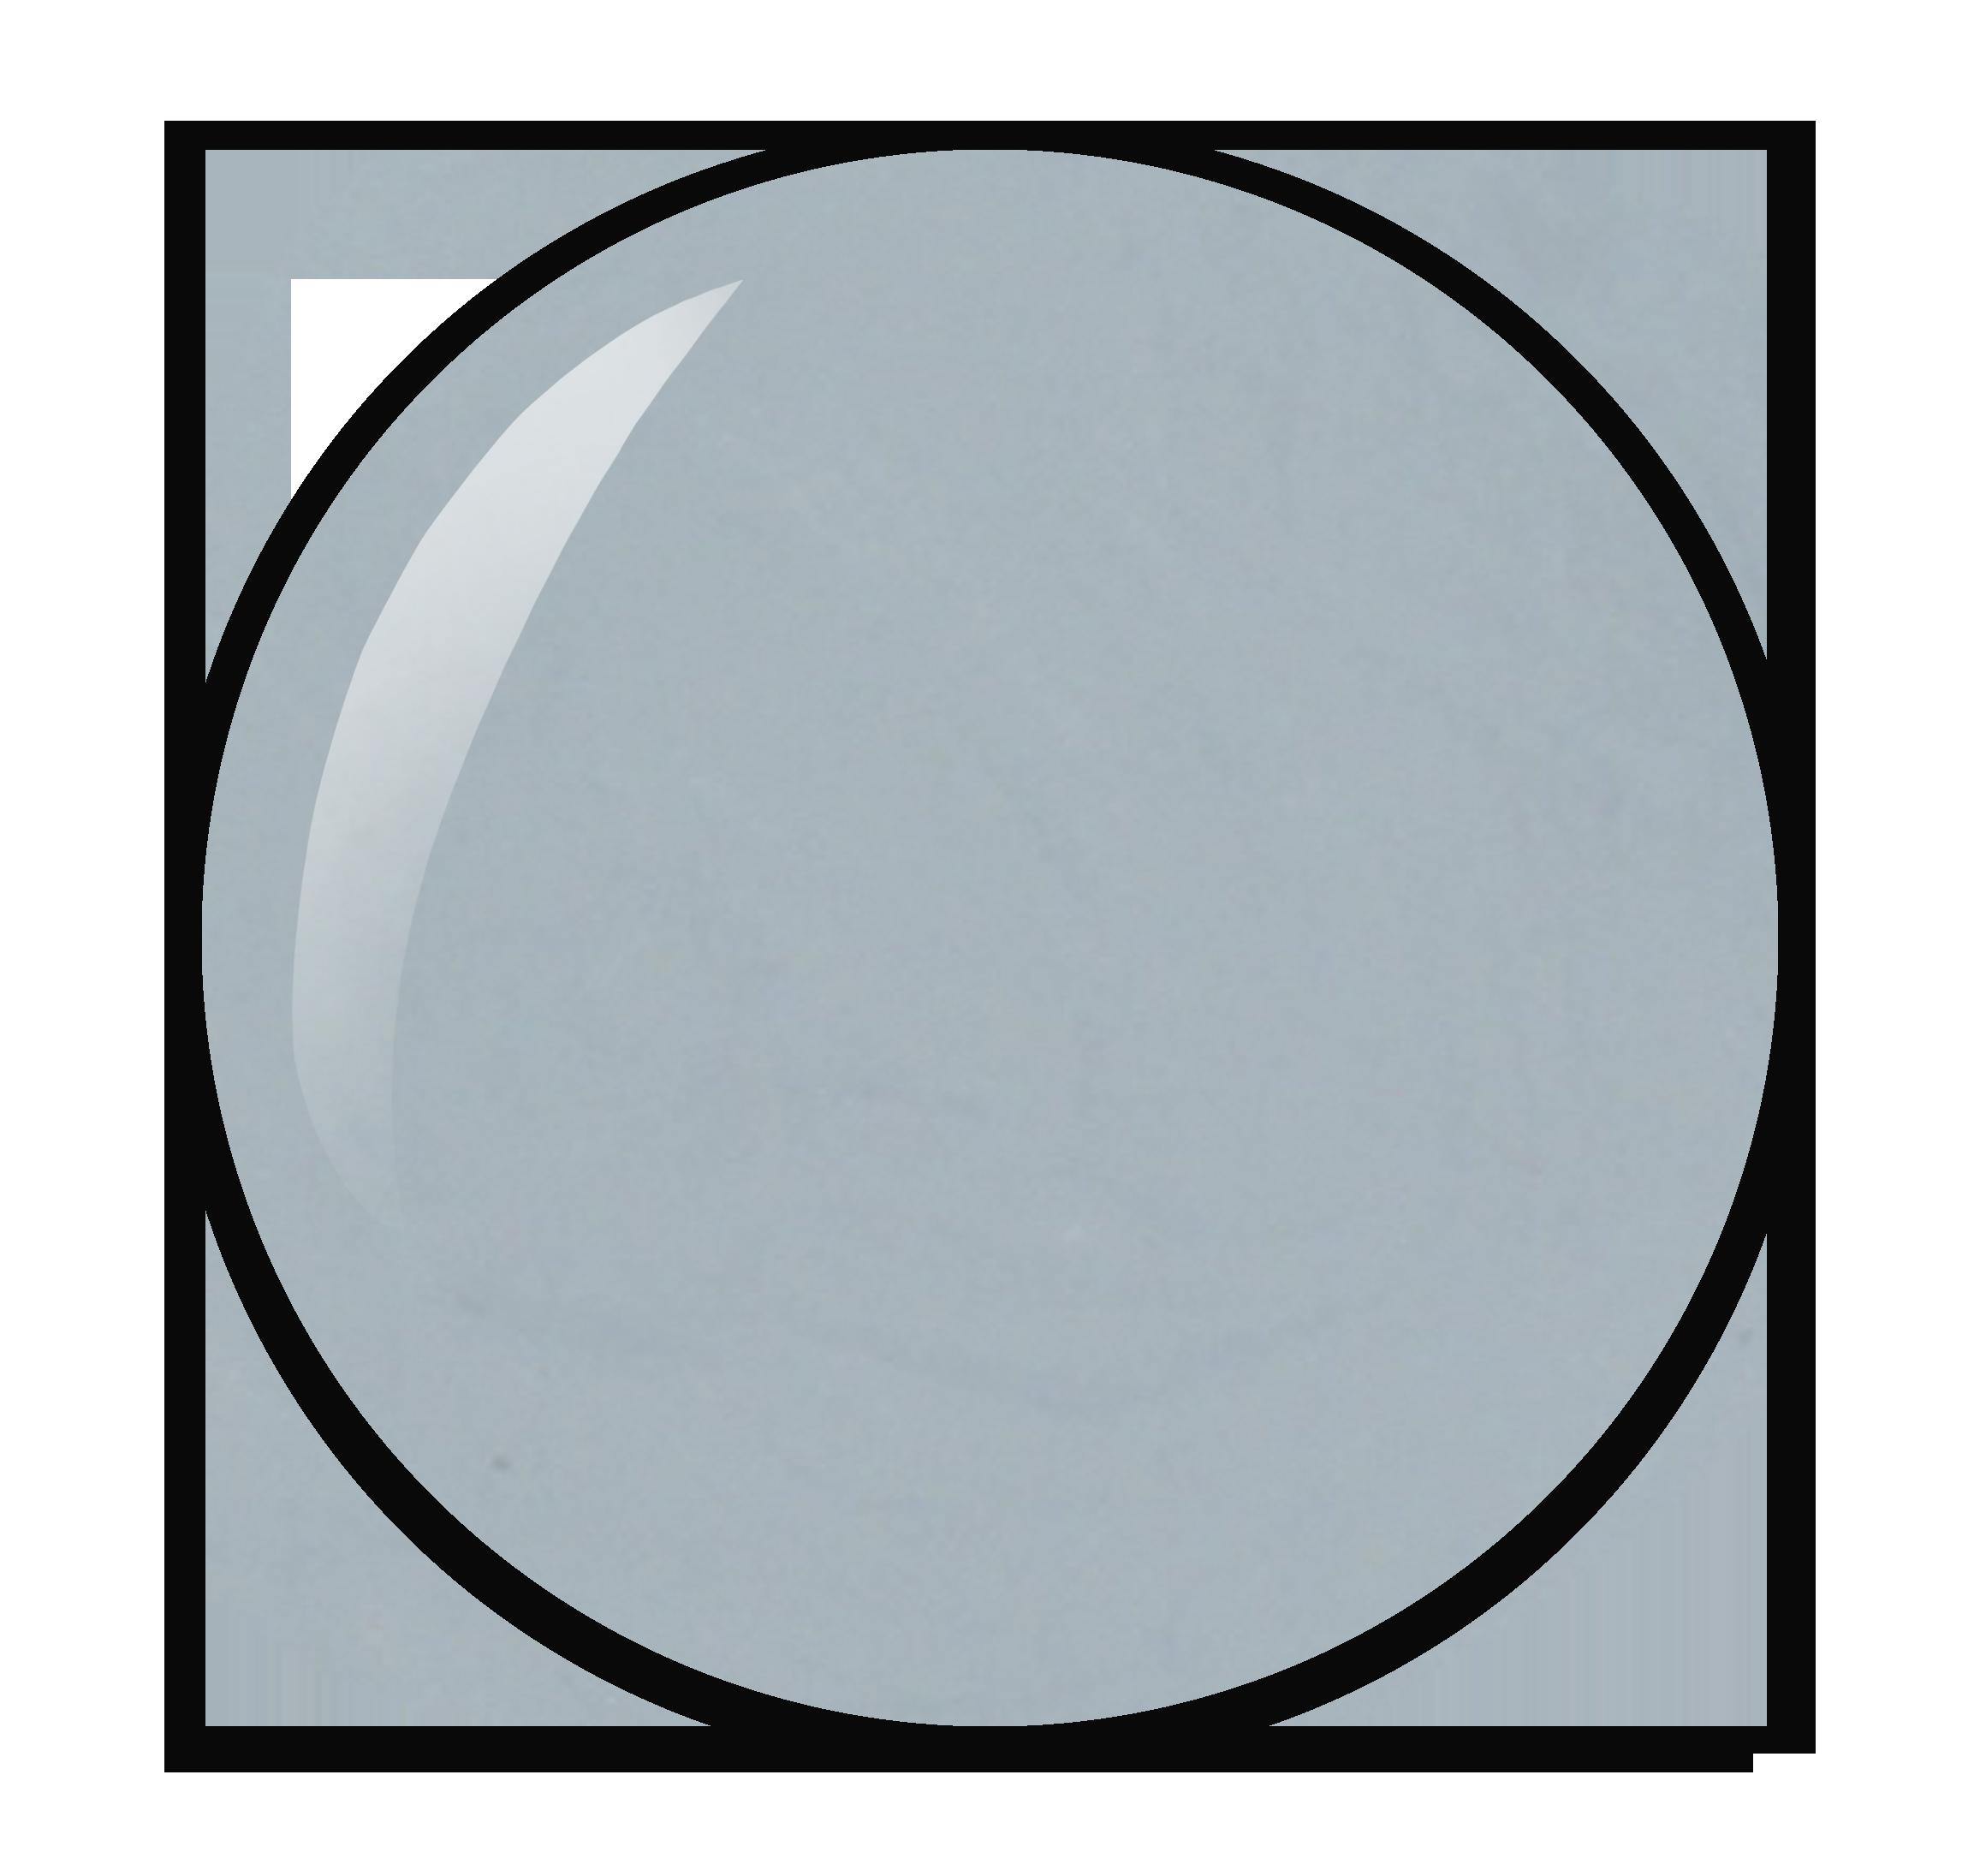 ijsblauwe nagellak nummer 147 uit Herôme nagellak collectie